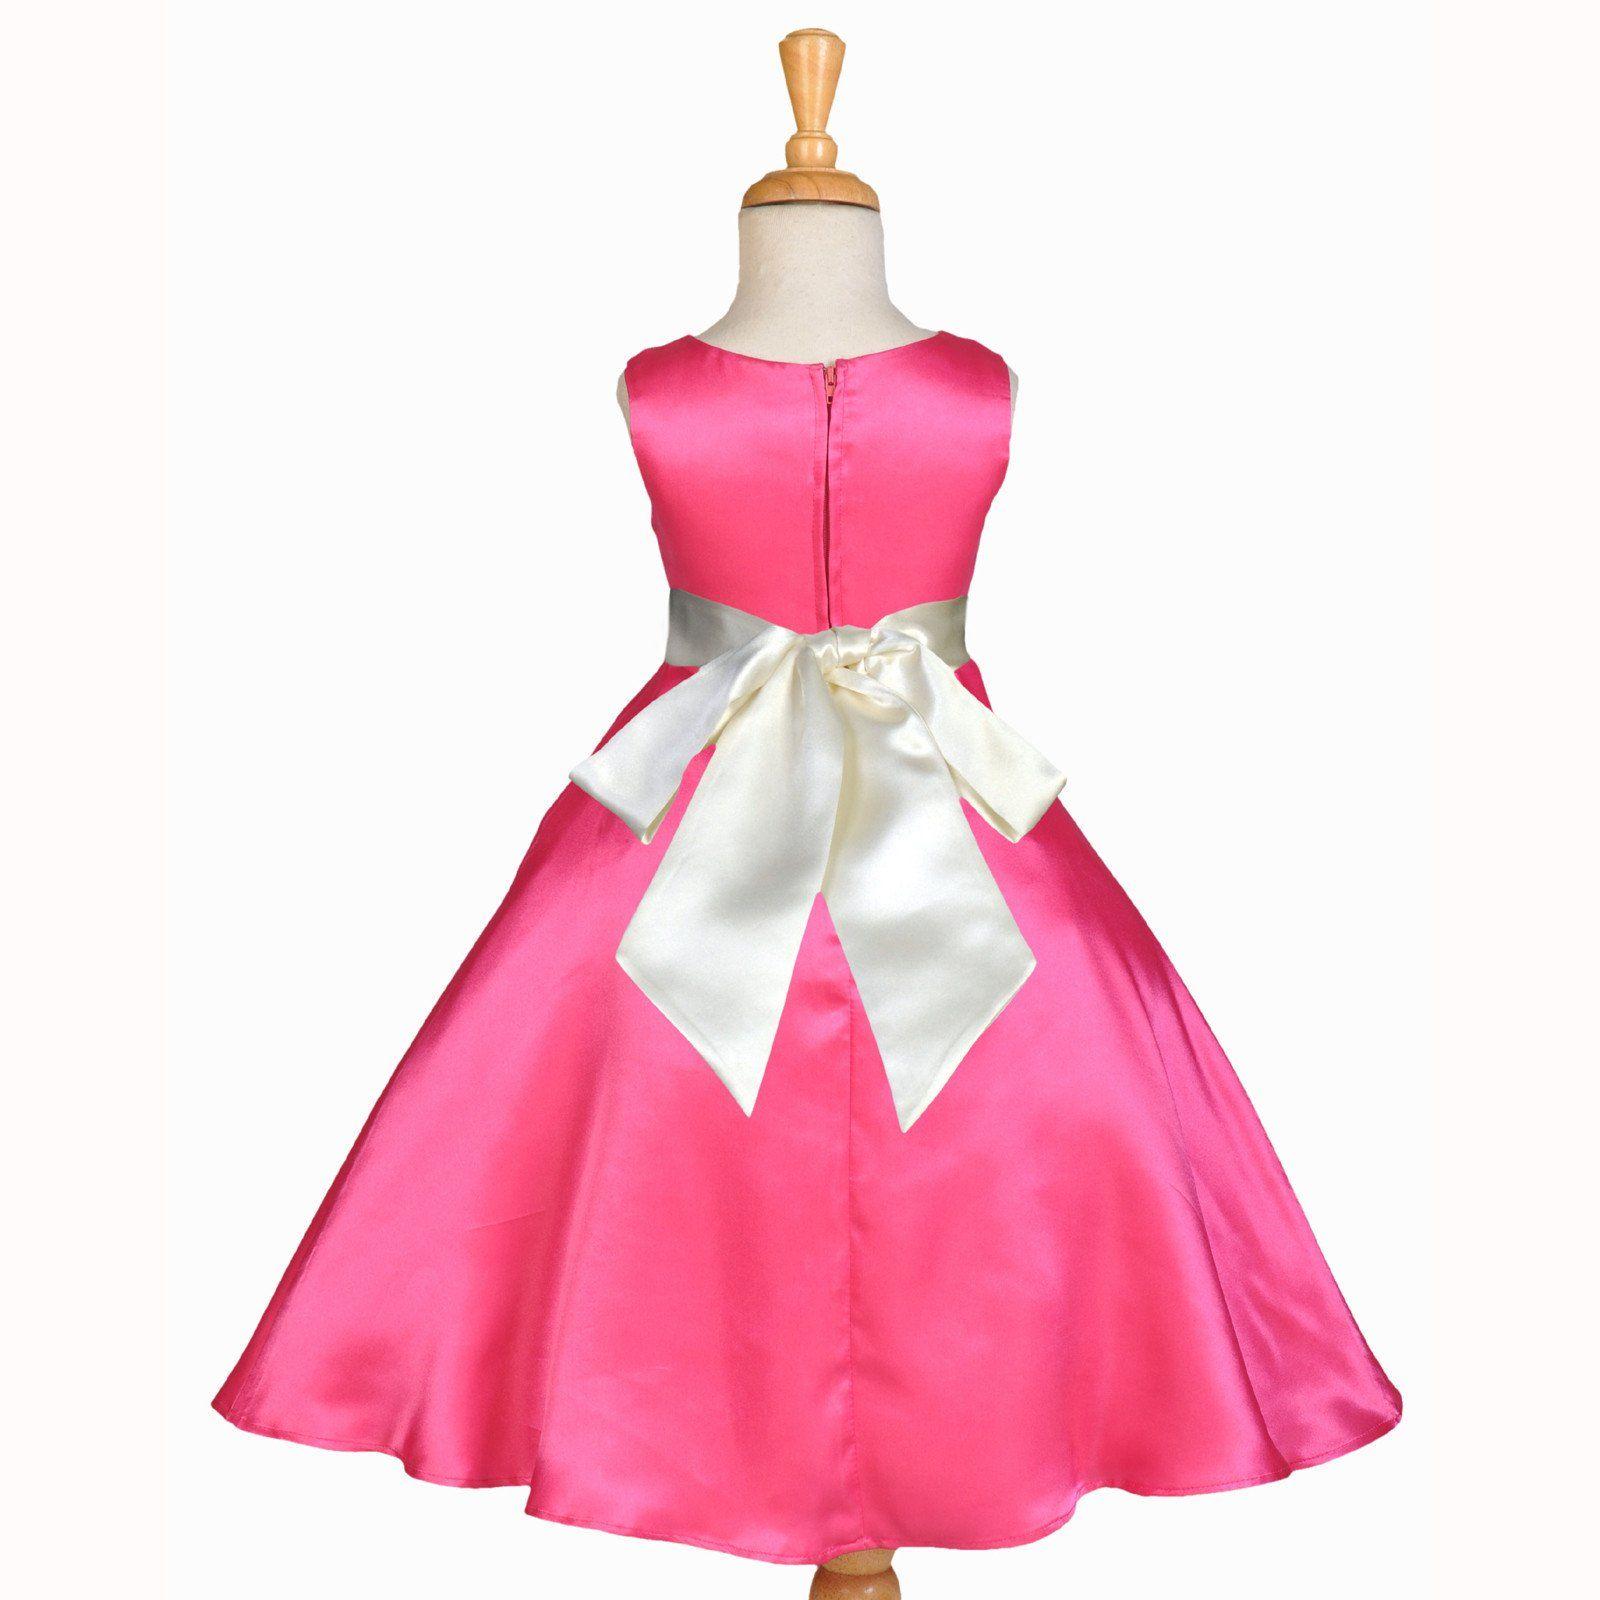 Fuchsia A-Line Satin Flower Girl Dress Wedding Pageant Recital ...